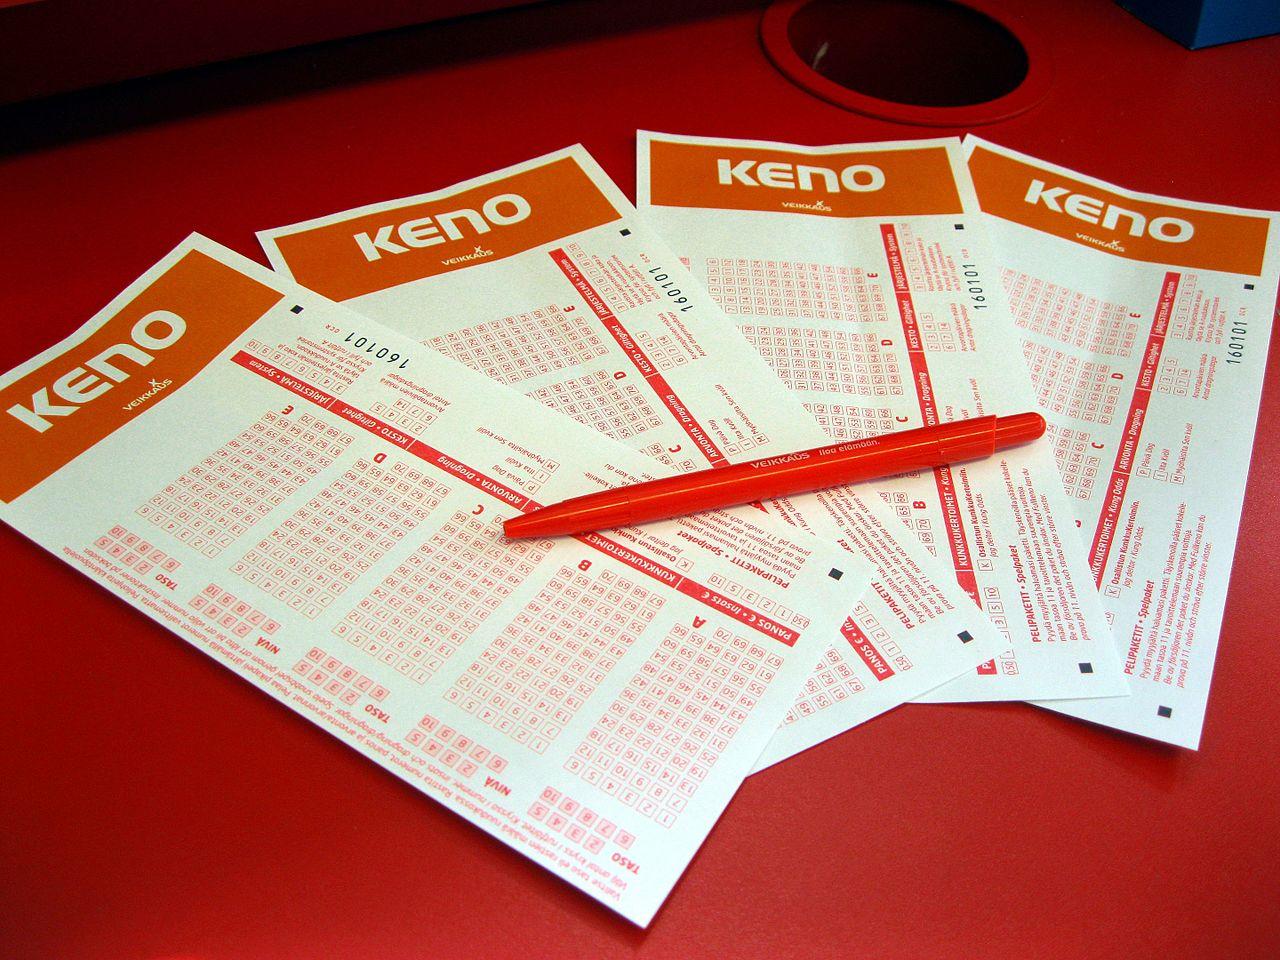 amasser de l'argent au keno